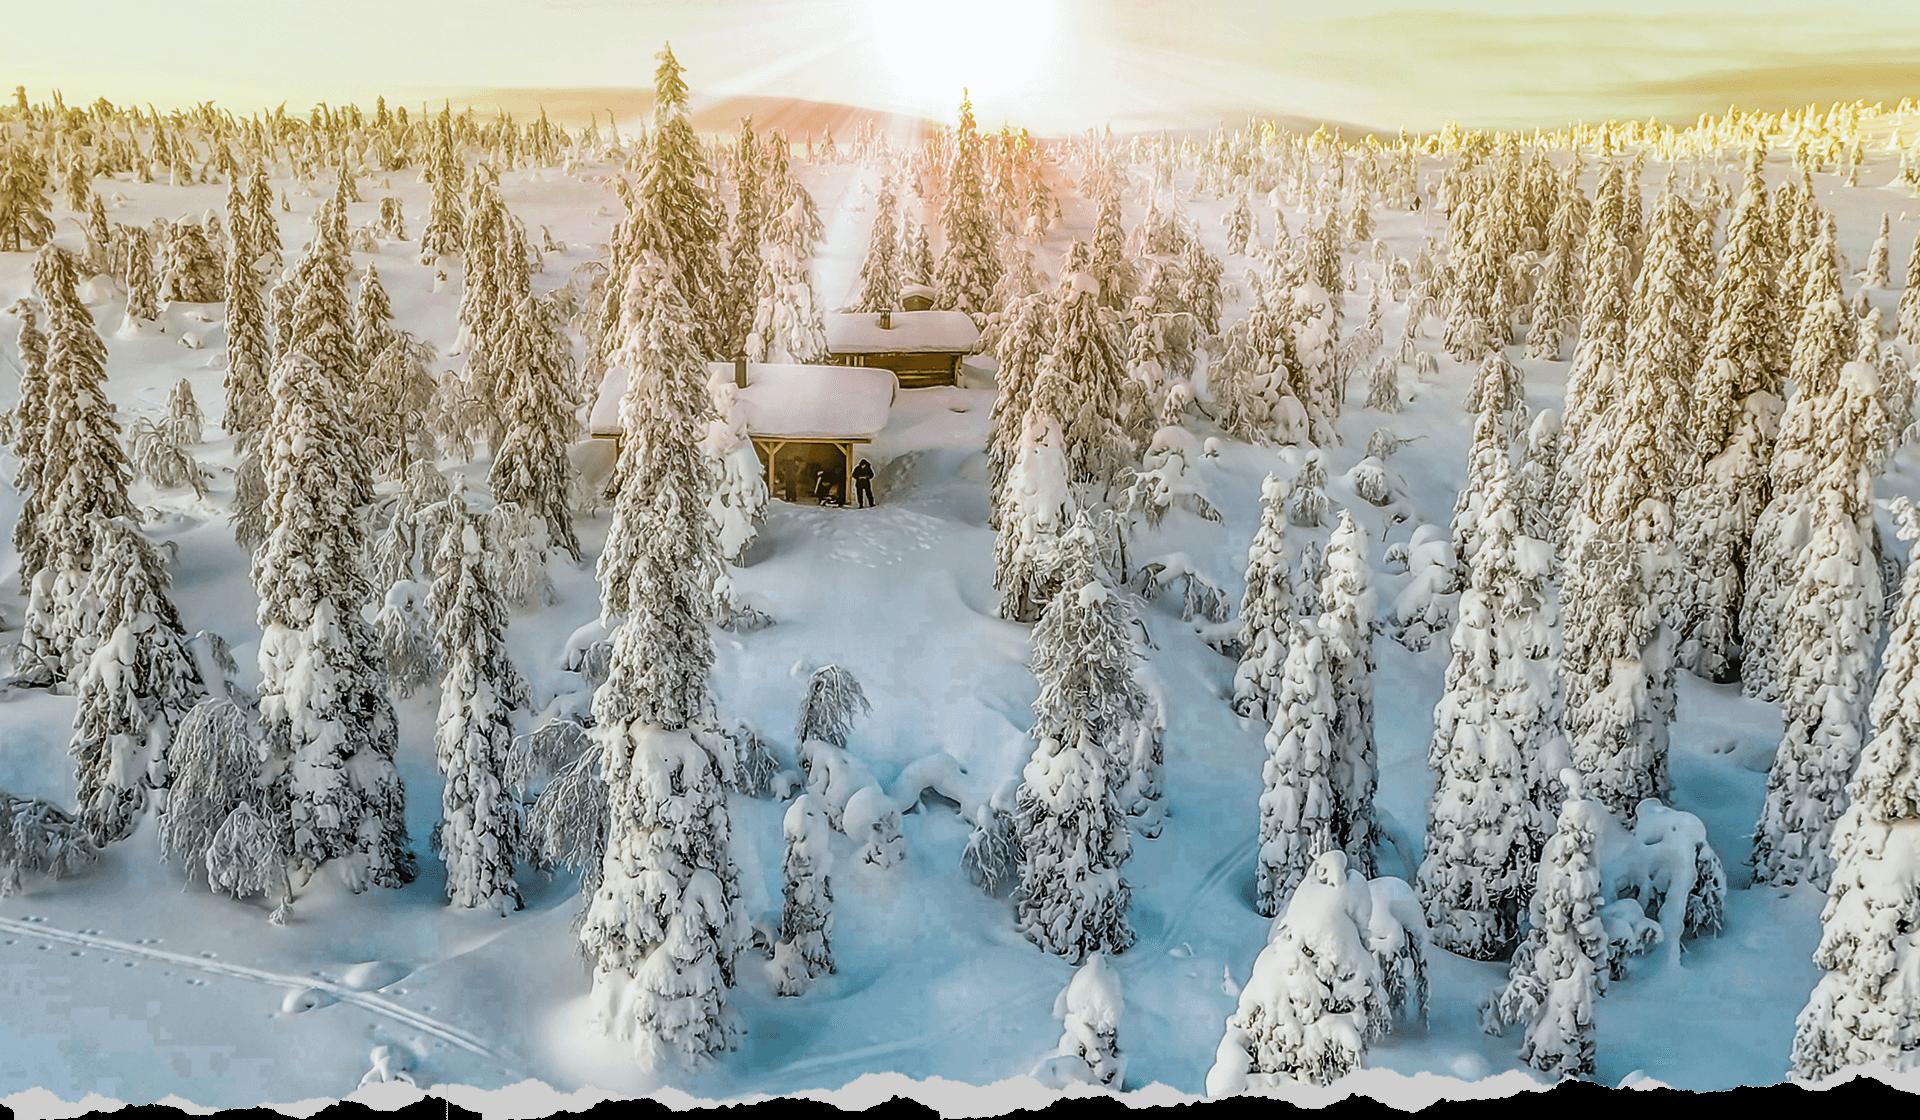 Finland,-header-image